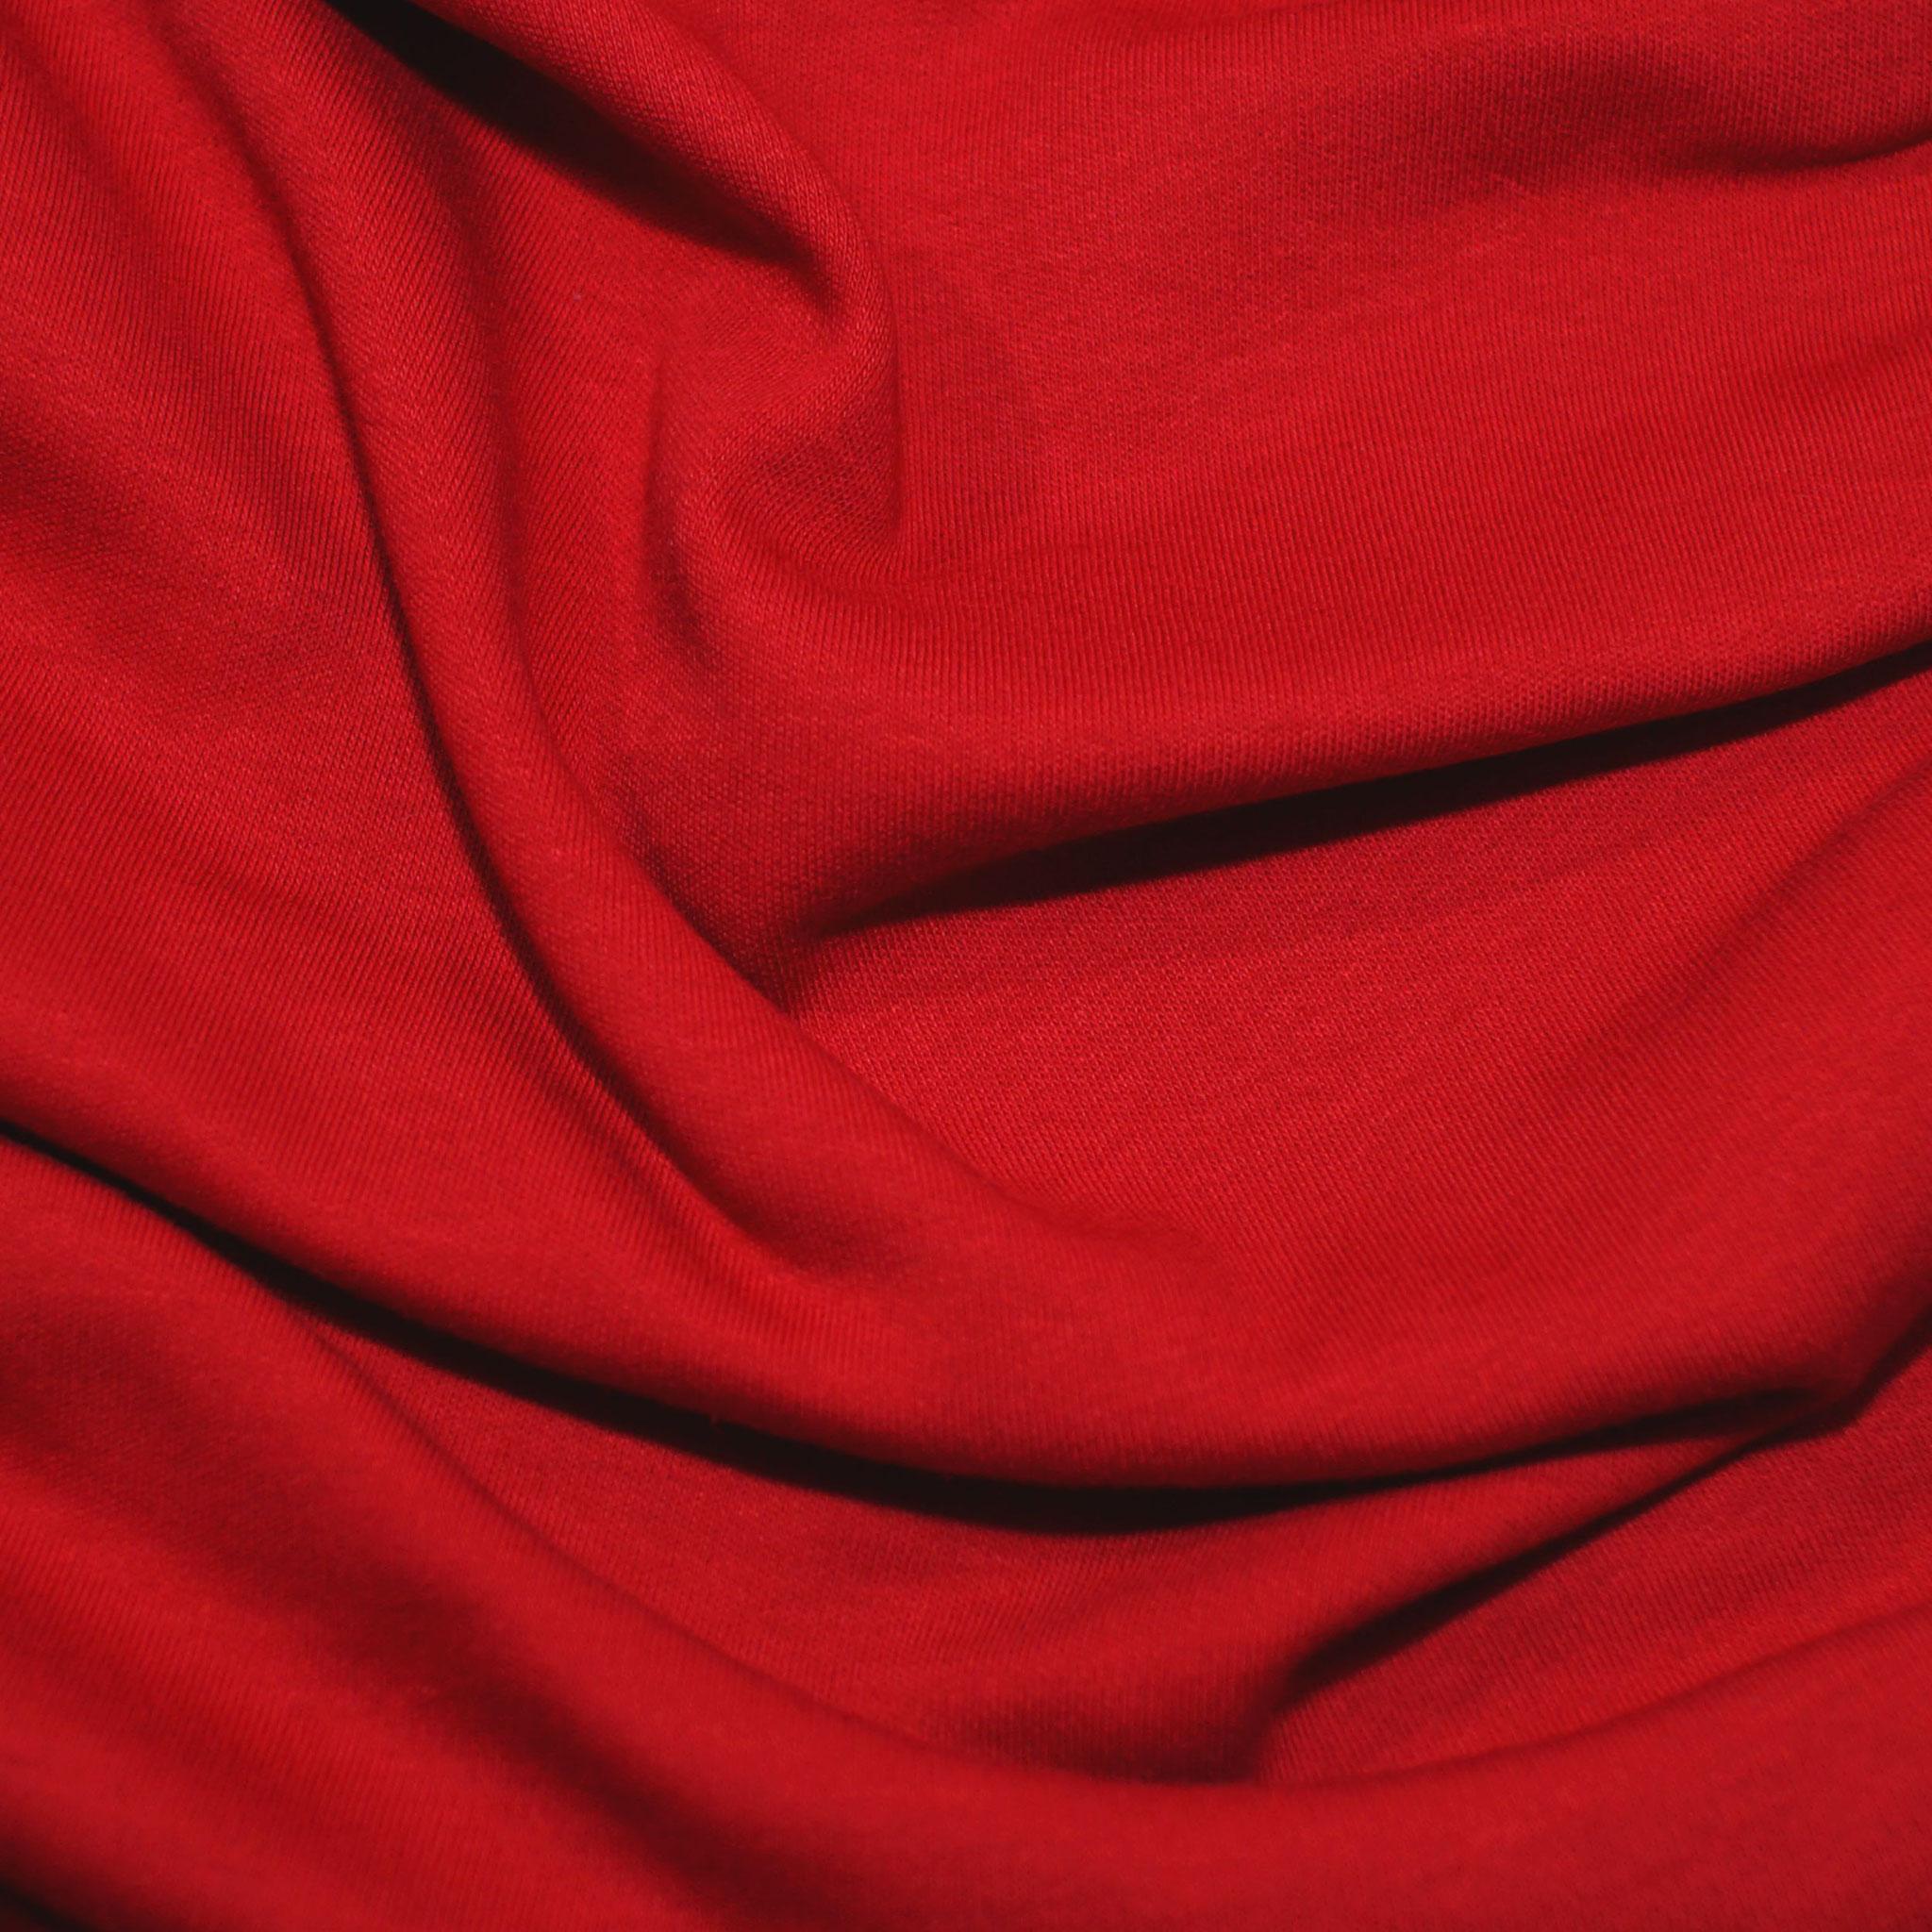 ChilliRot,Biobaumwoll- Jersey (GOTS) Lebenskleidung,95% Baumwolle, 5% Elasthan,170g/m2, 170cm